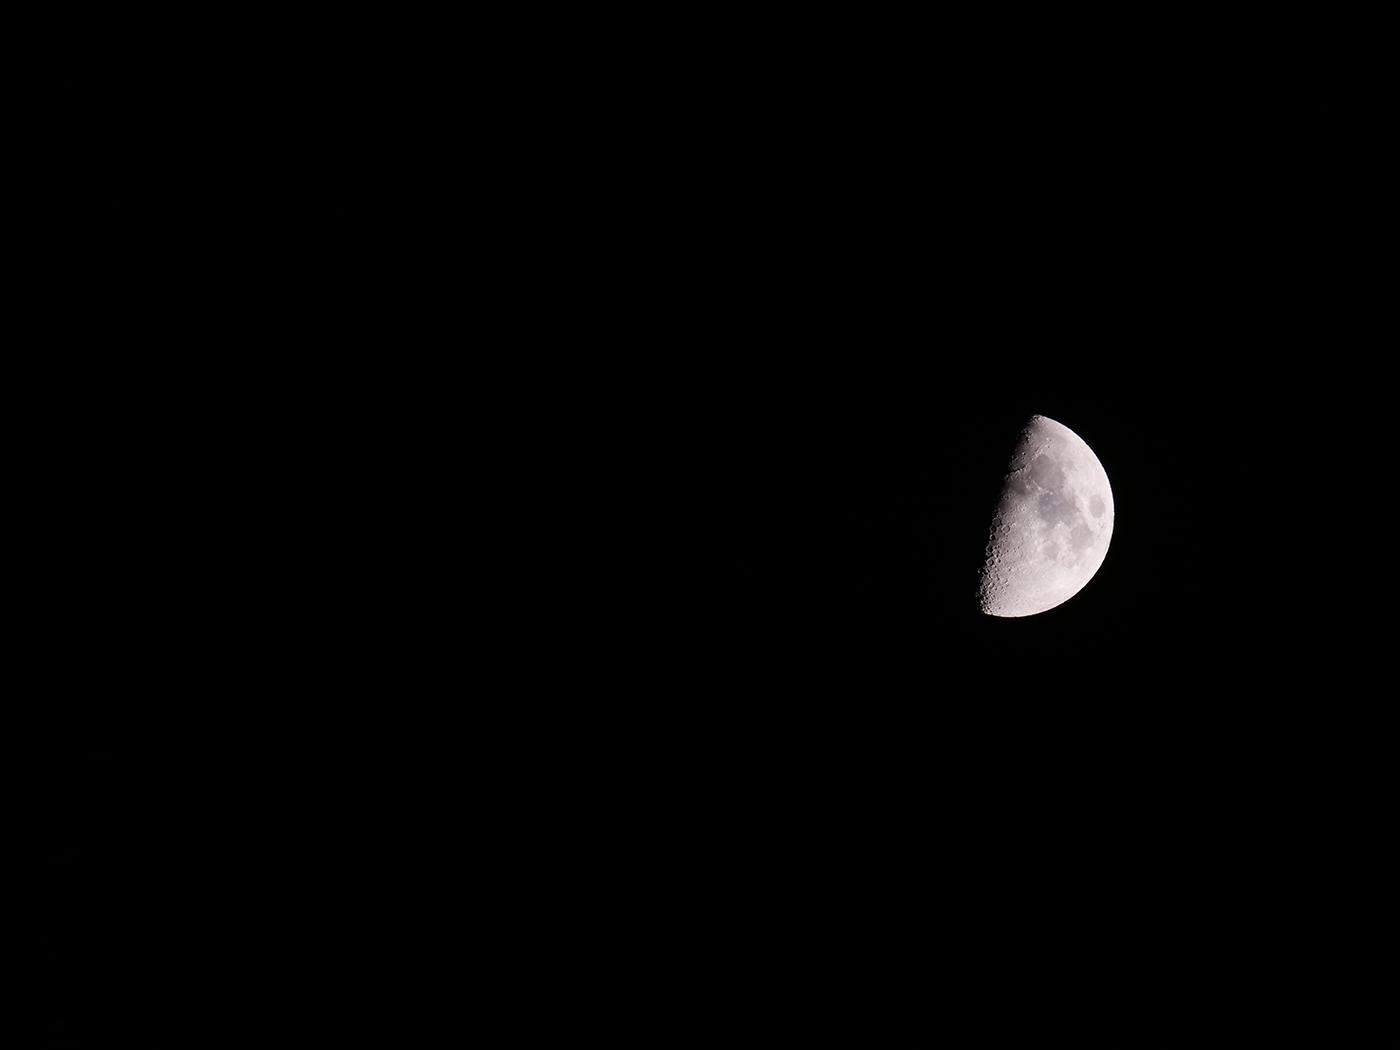 photo de l'astre lunaire avec hybride Lumix et téléobjectif